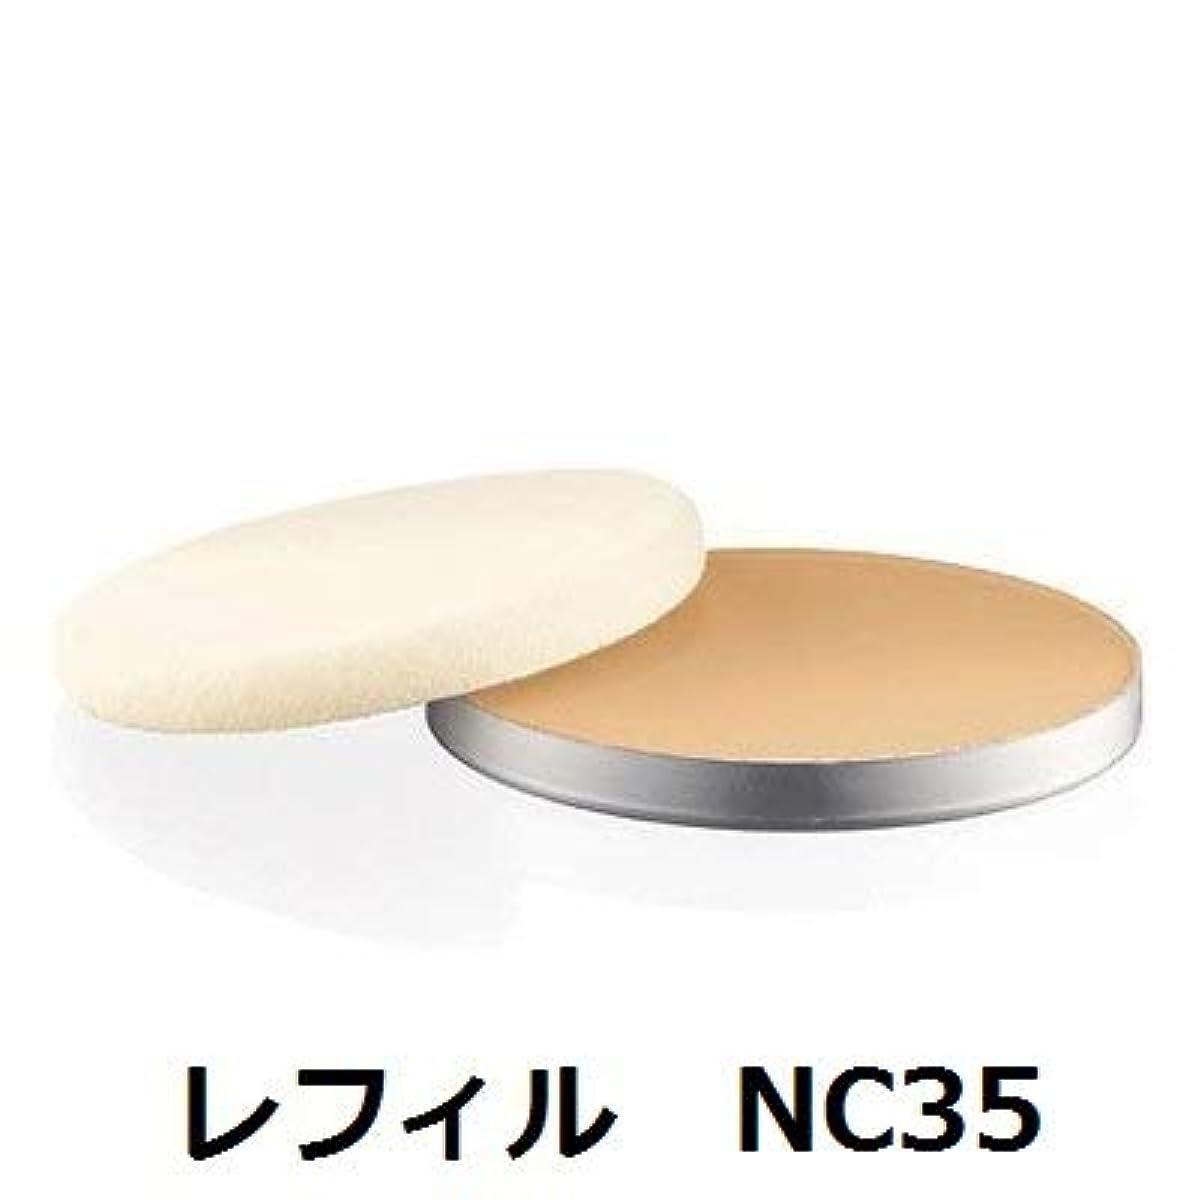 悲惨練る主要なマック(MAC) ライトフルC+SPF 30ファンデーション レフィル #NC35 14g [並行輸入品]